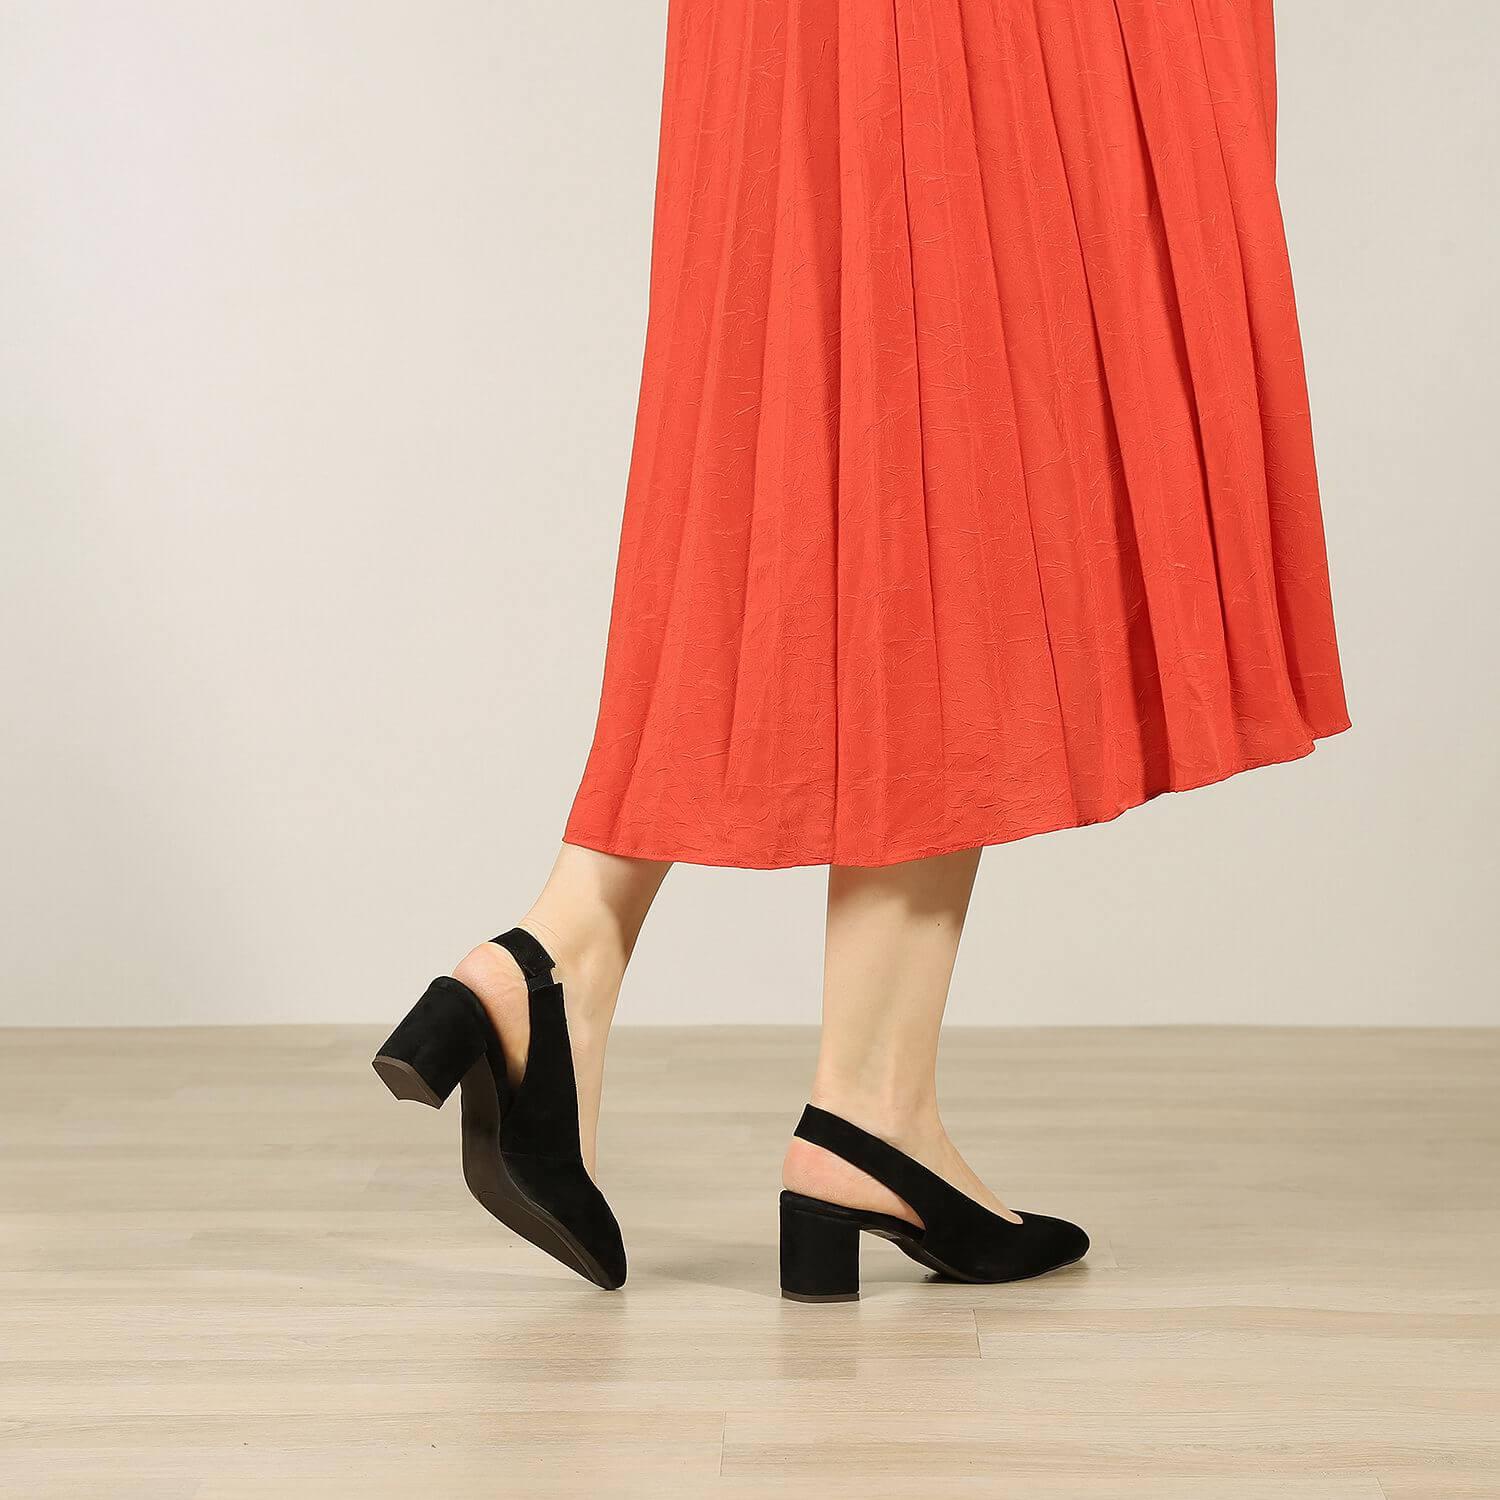 נעלי סירה לנשים בעיצוב מעודן – דגם טוהר